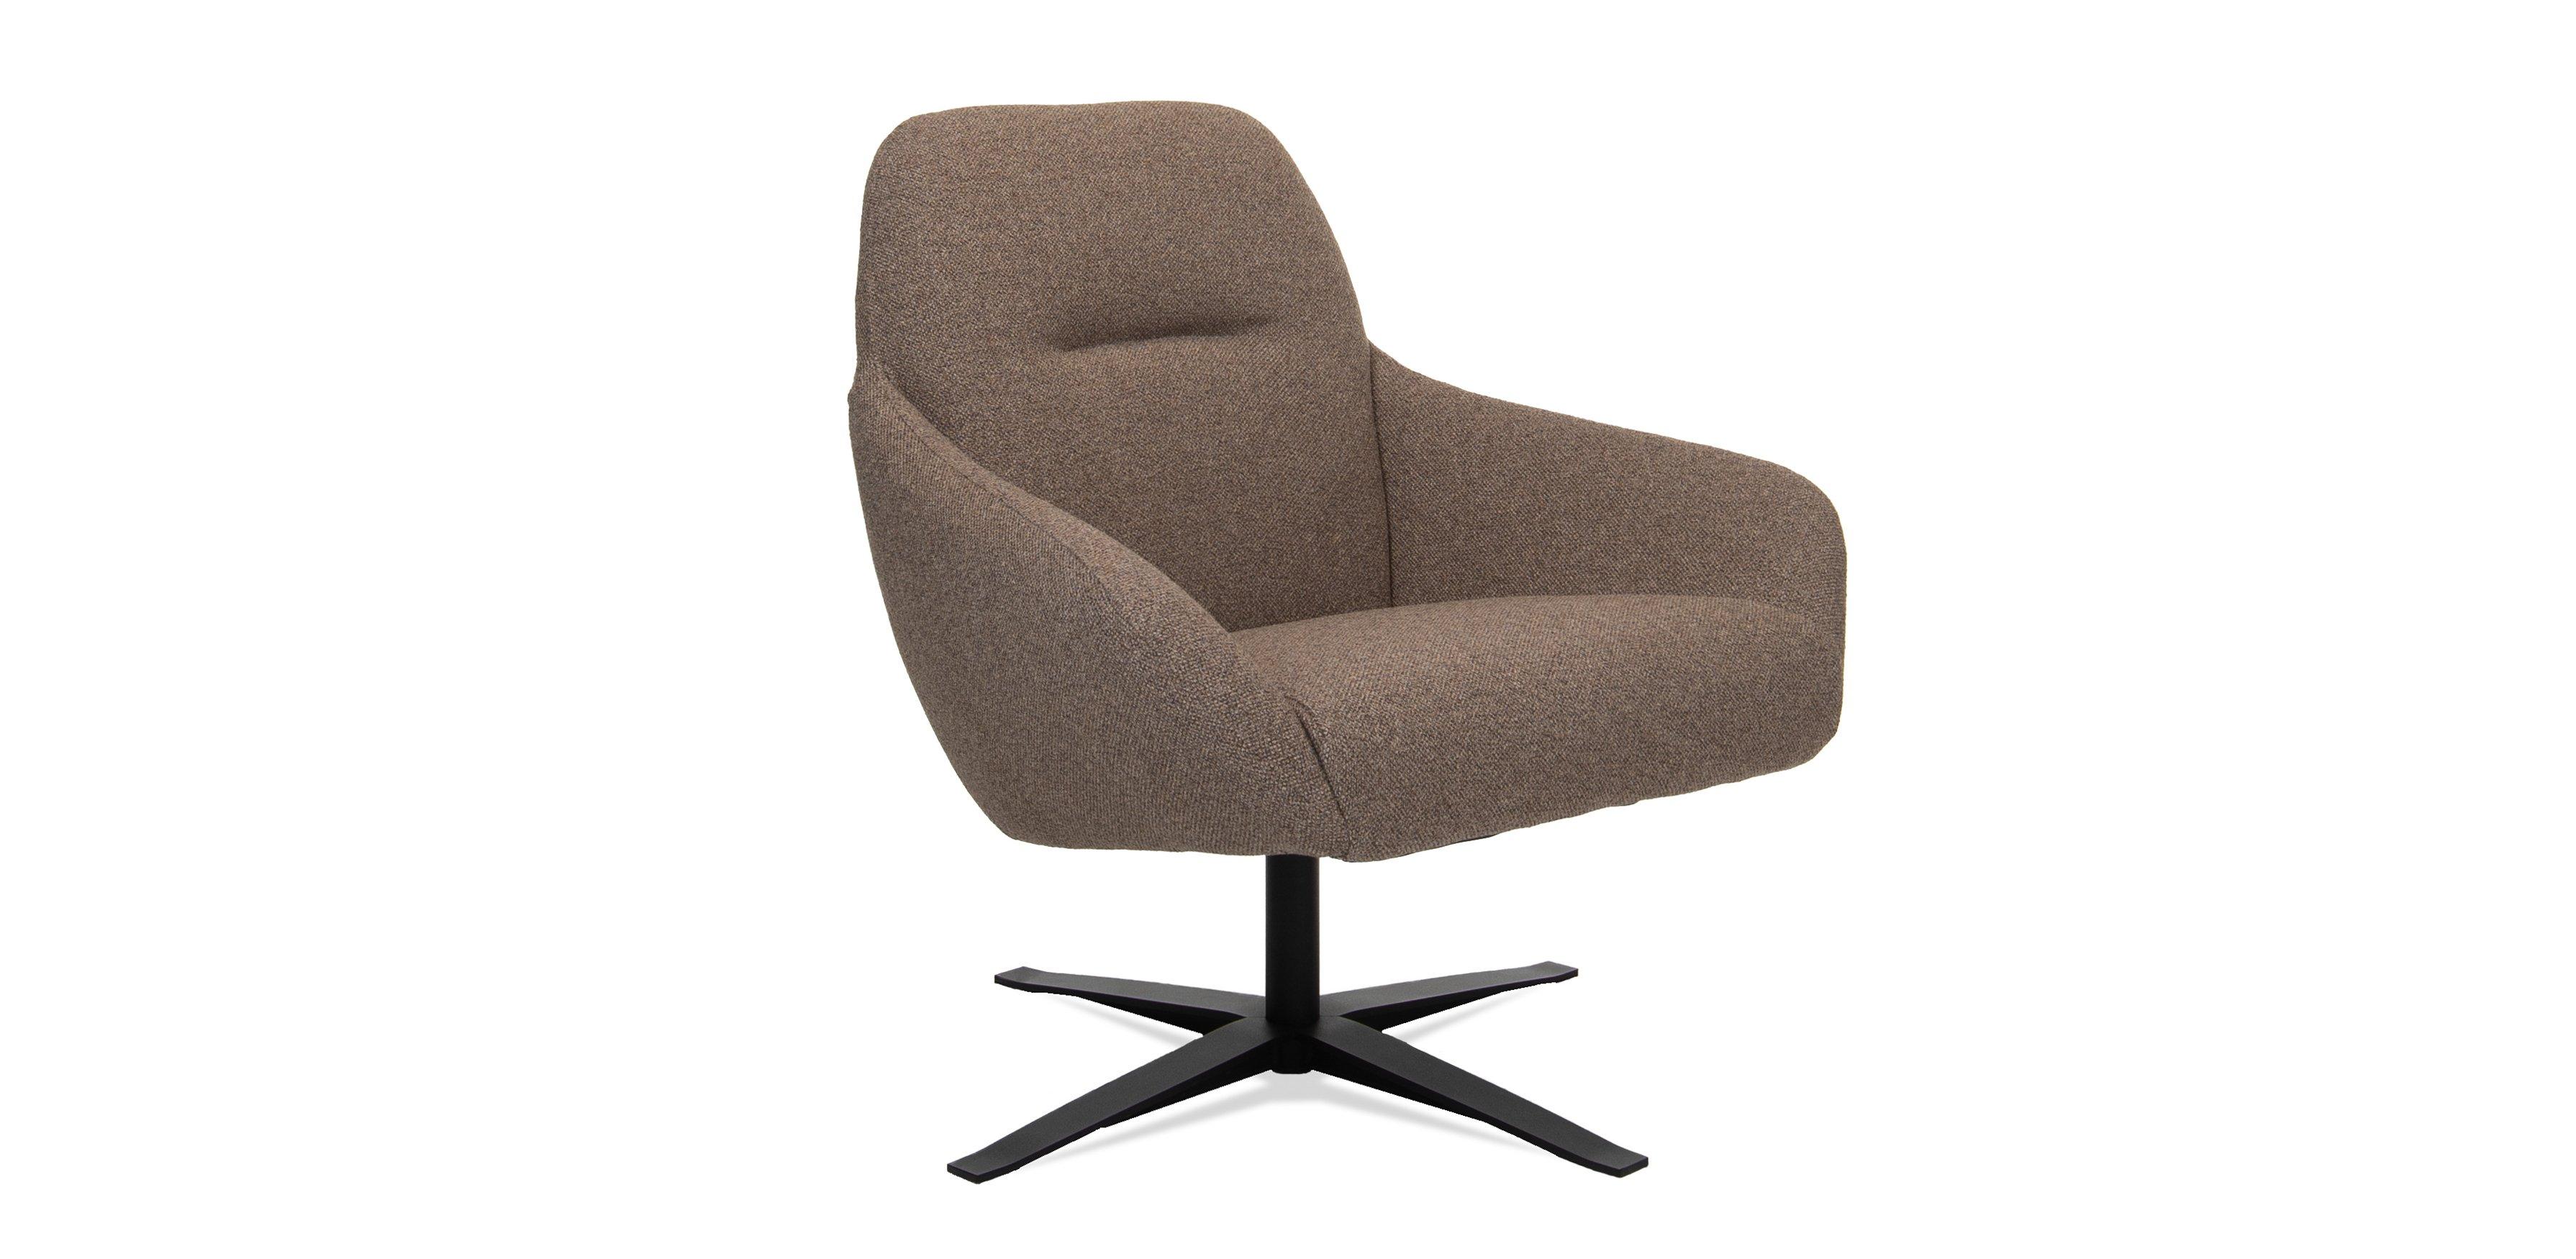 Python fauteuils DYYK 3580x1750 2